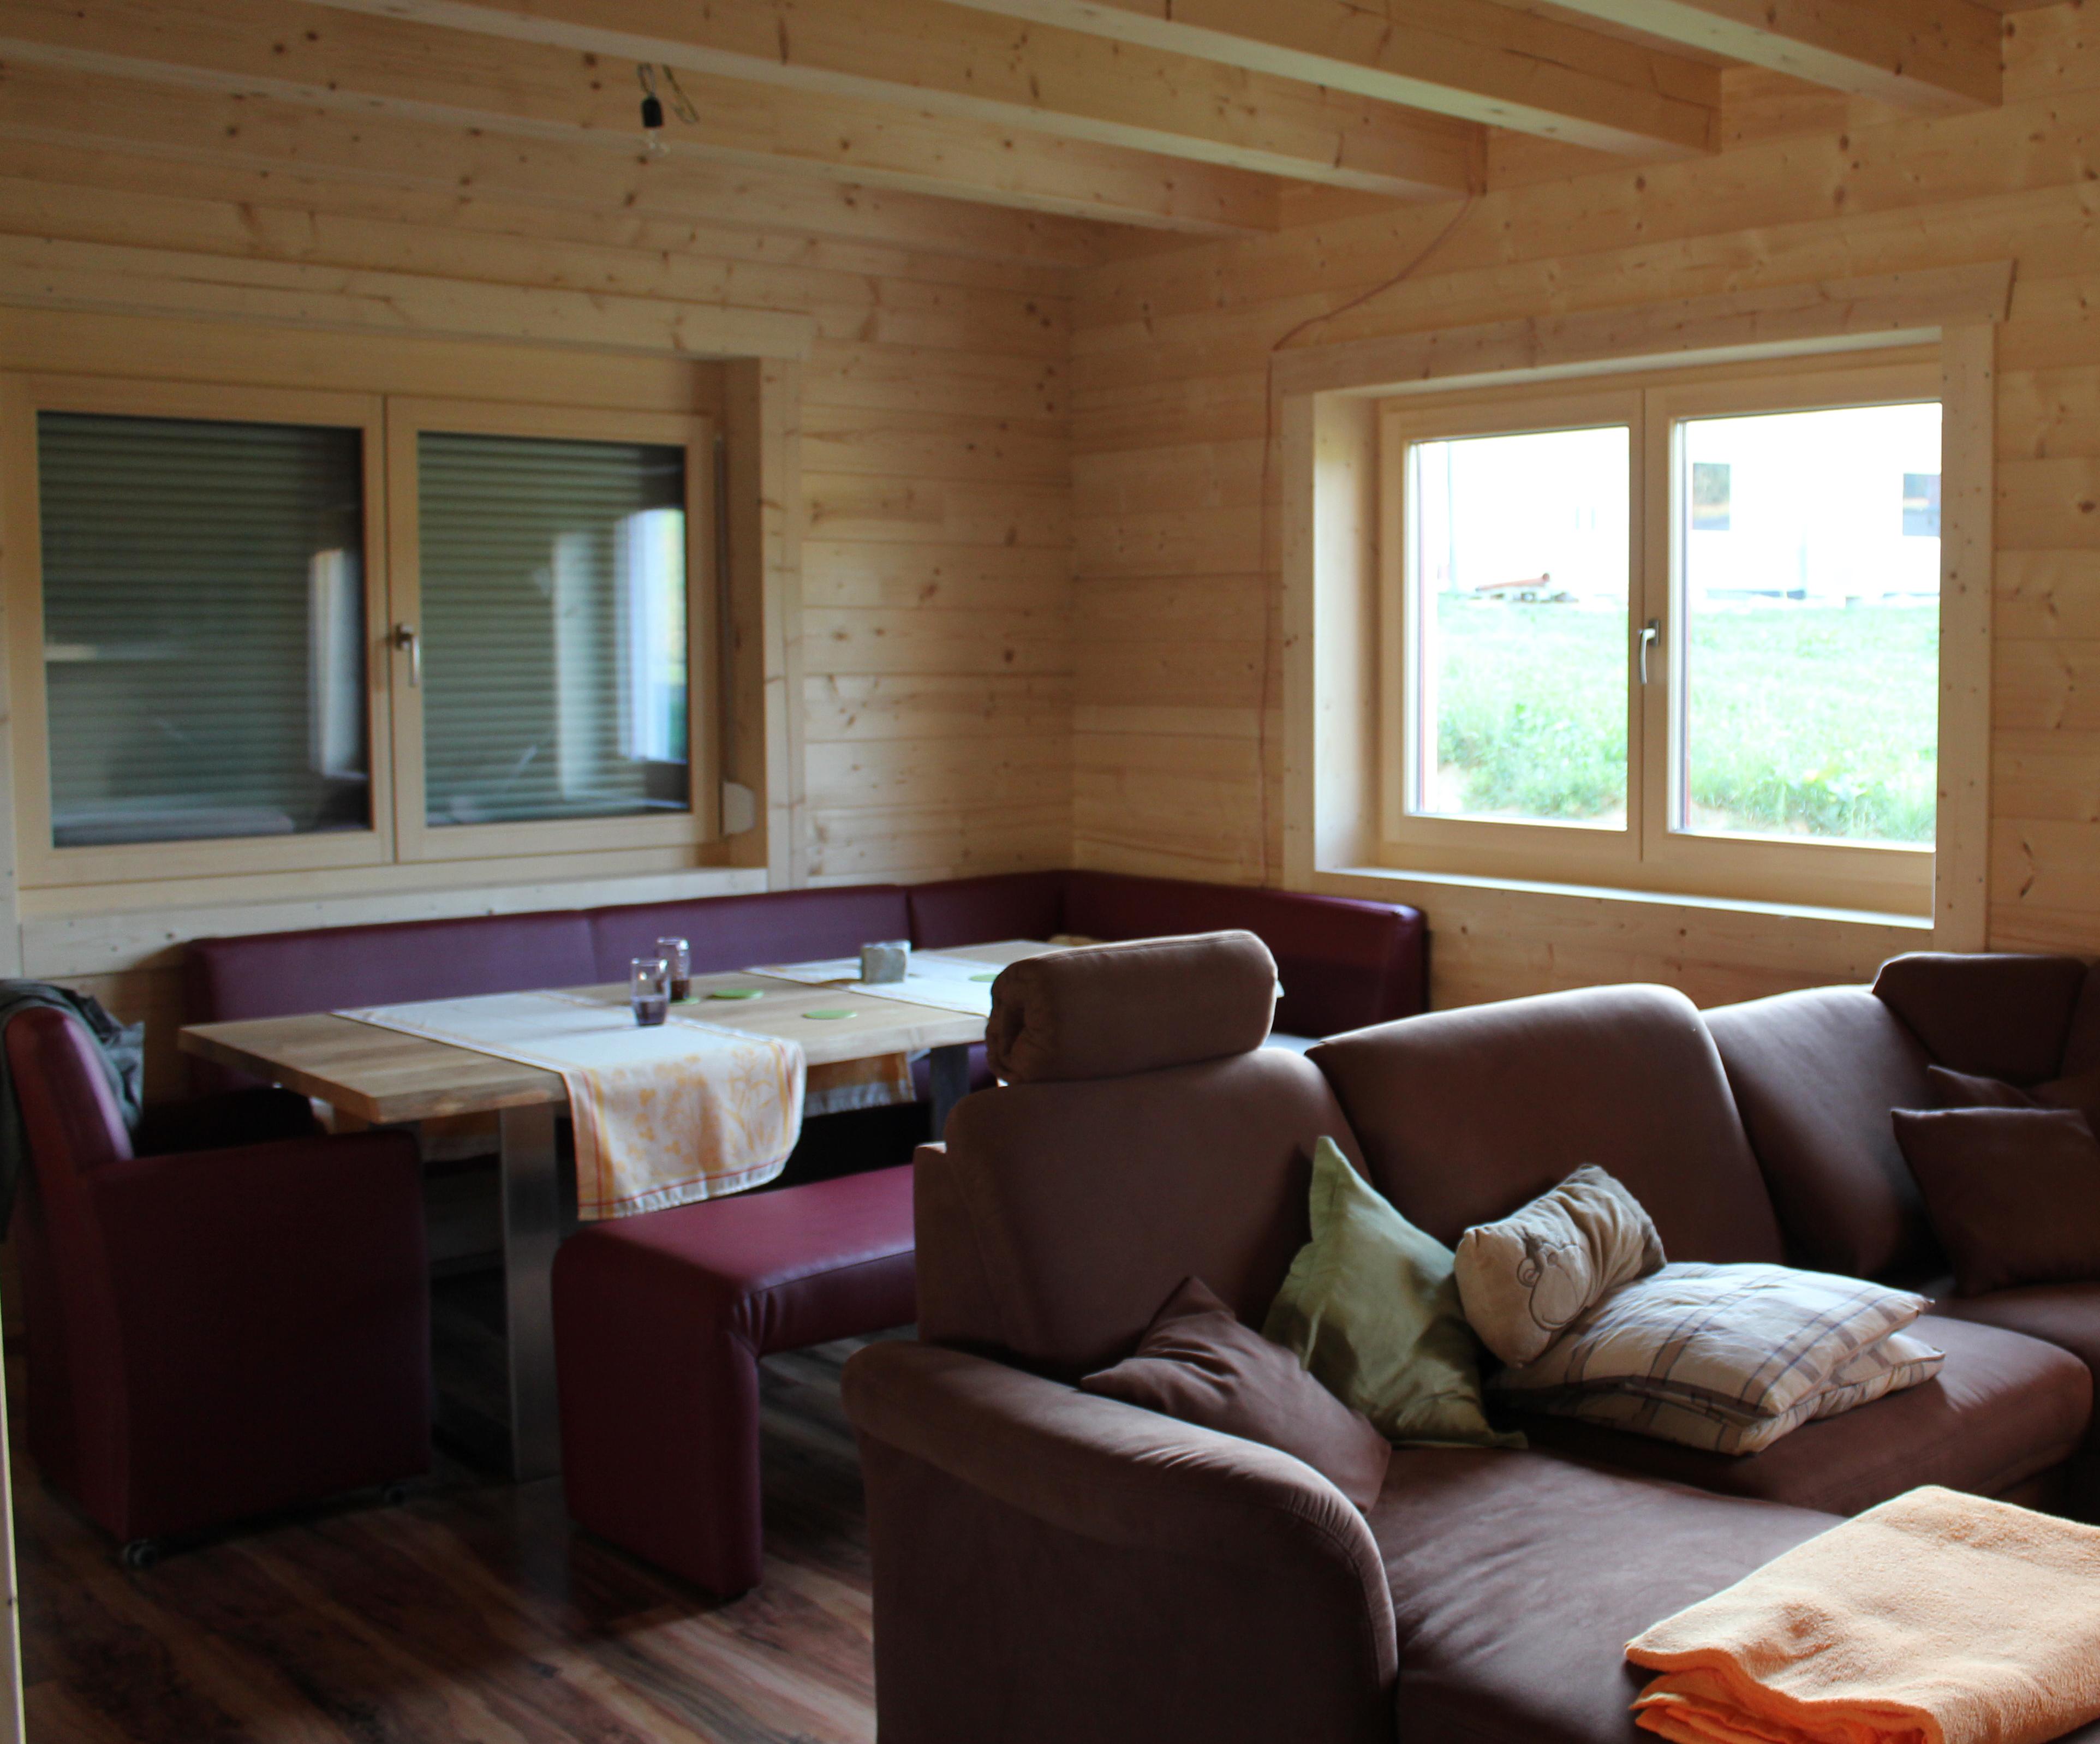 Blockhausimpressionen Das Wohnzimmer Scandinavian Bloghaus